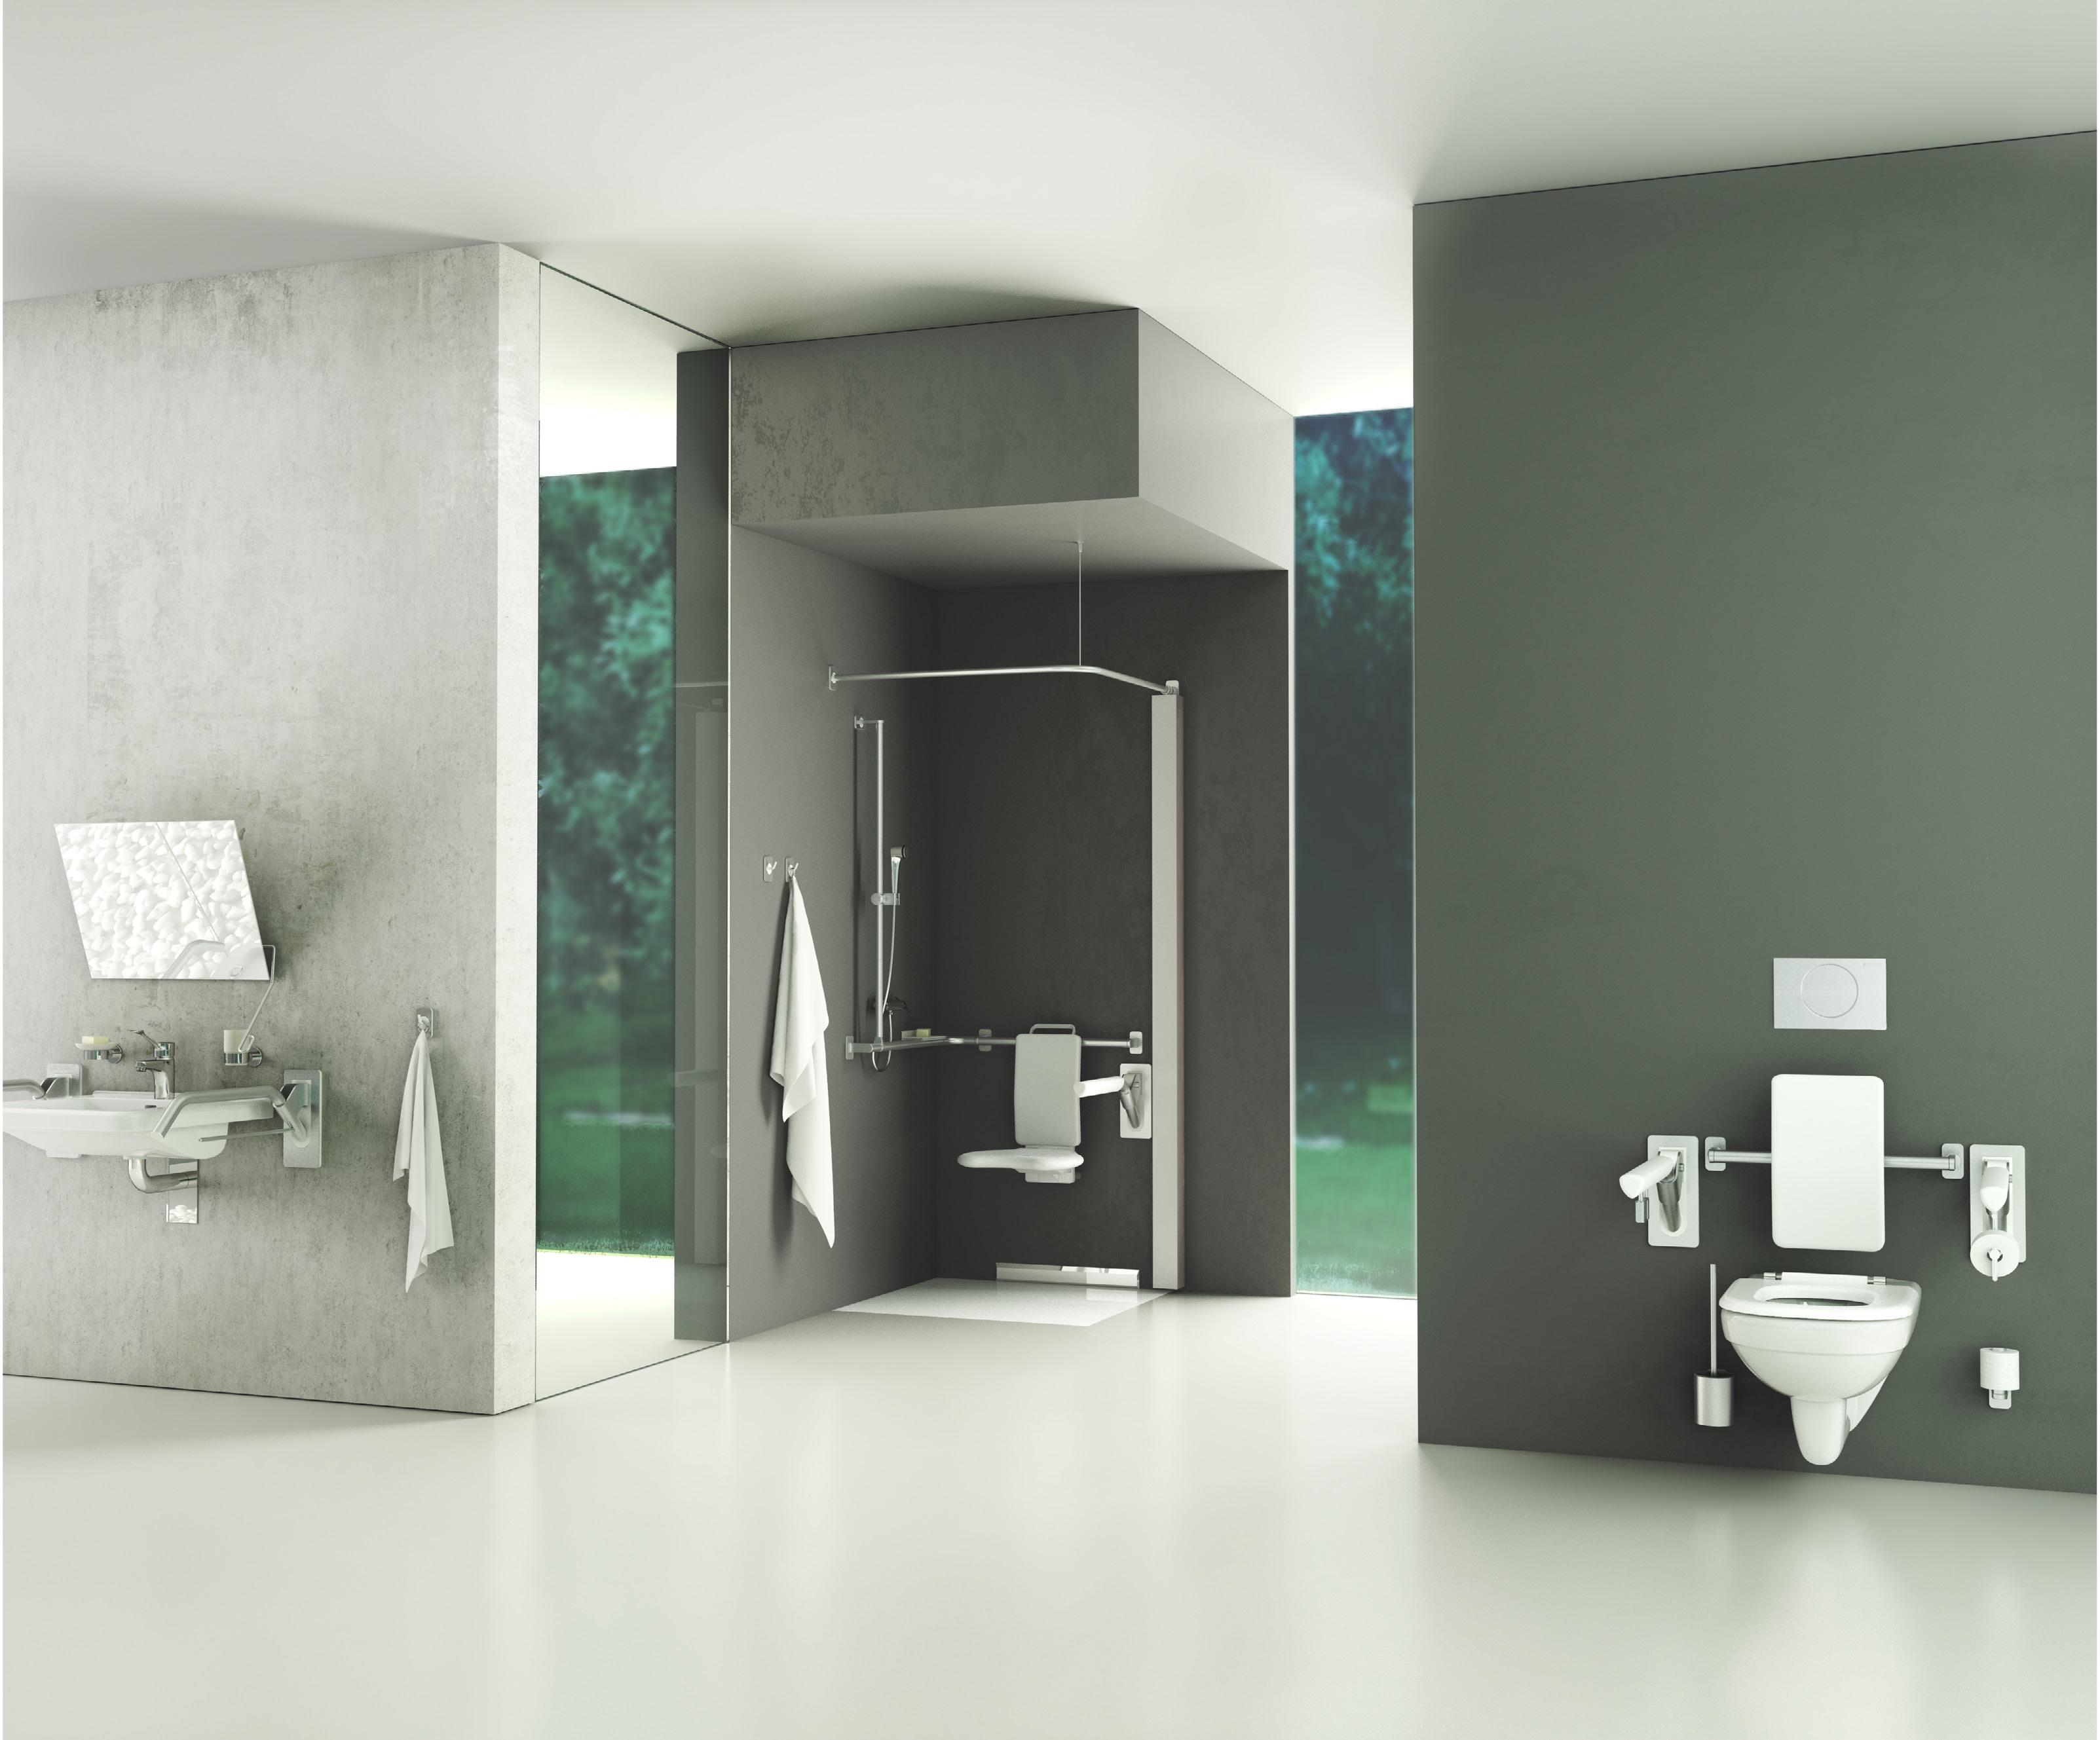 Geberit łazienki Dla Niepełnosprawnych Nowa Swoboda